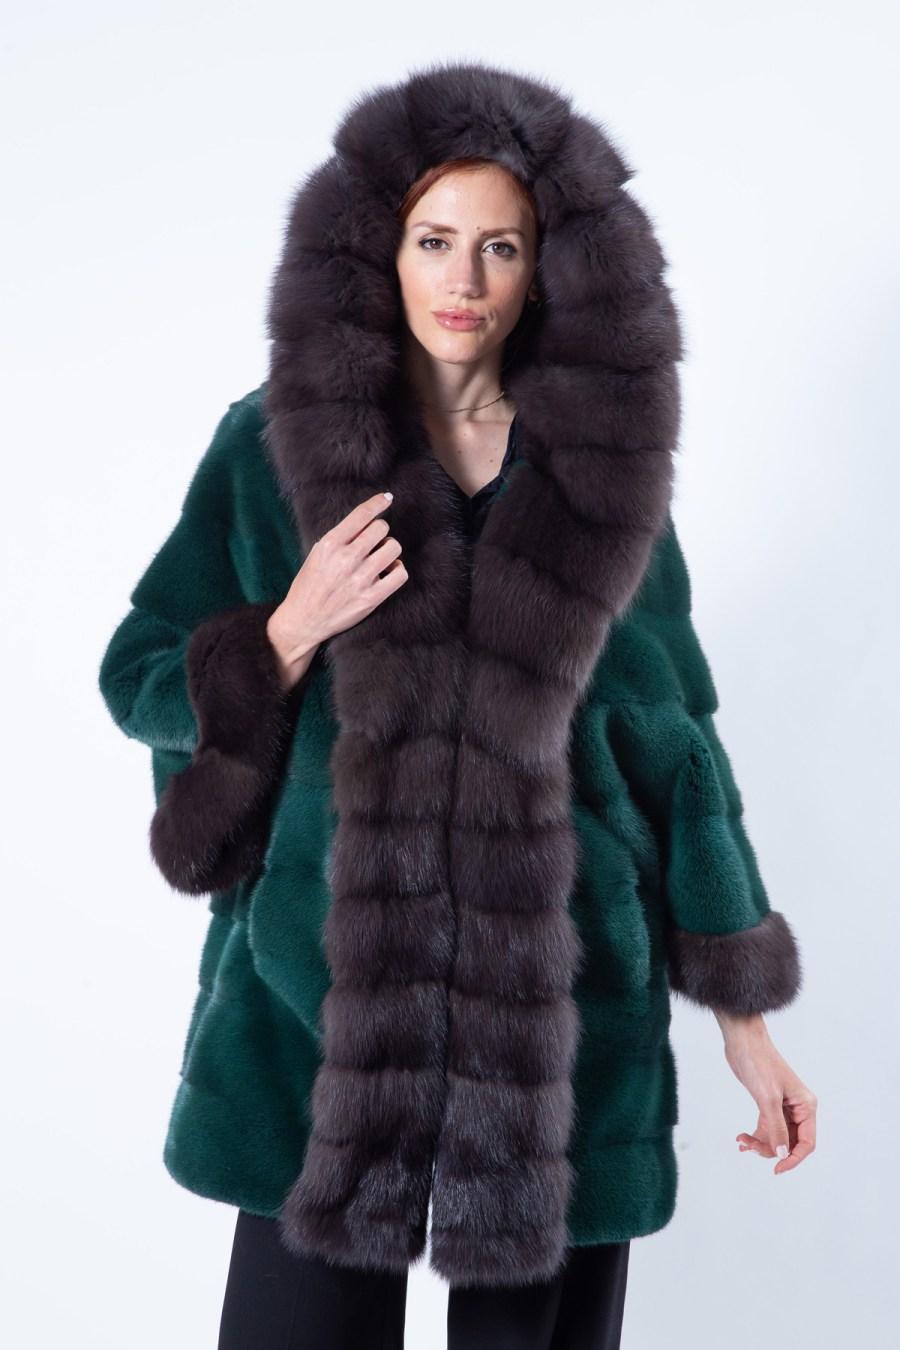 Tatiana Shock Green Mink Jacket with hood - Sarigianni Furs